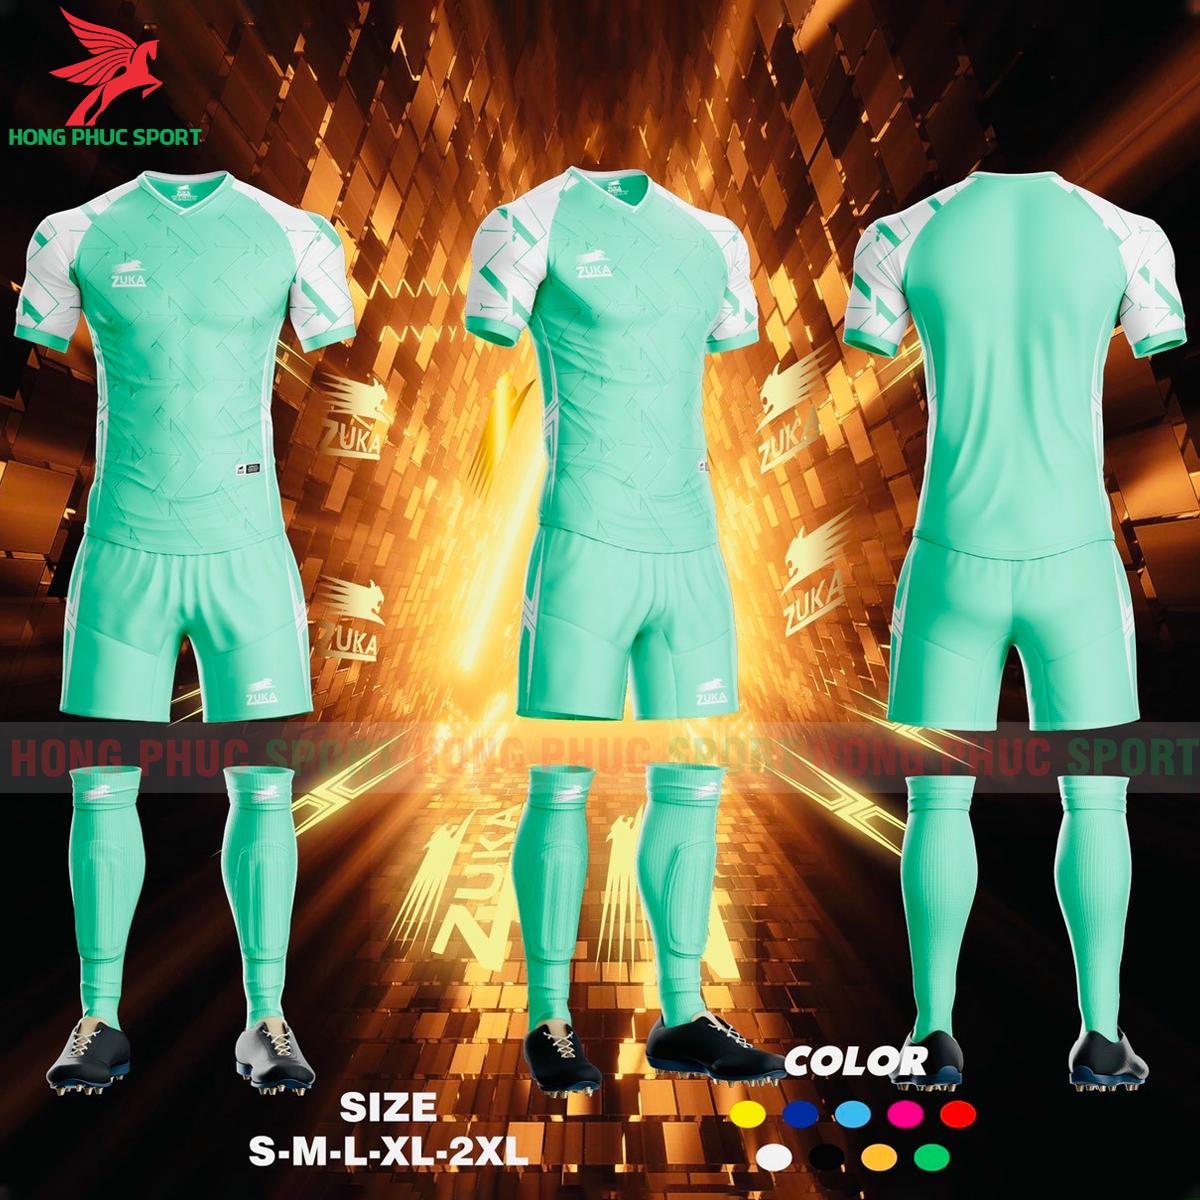 Áo đá banh không logo ZUKA SPF012021 màu xanh ngọc